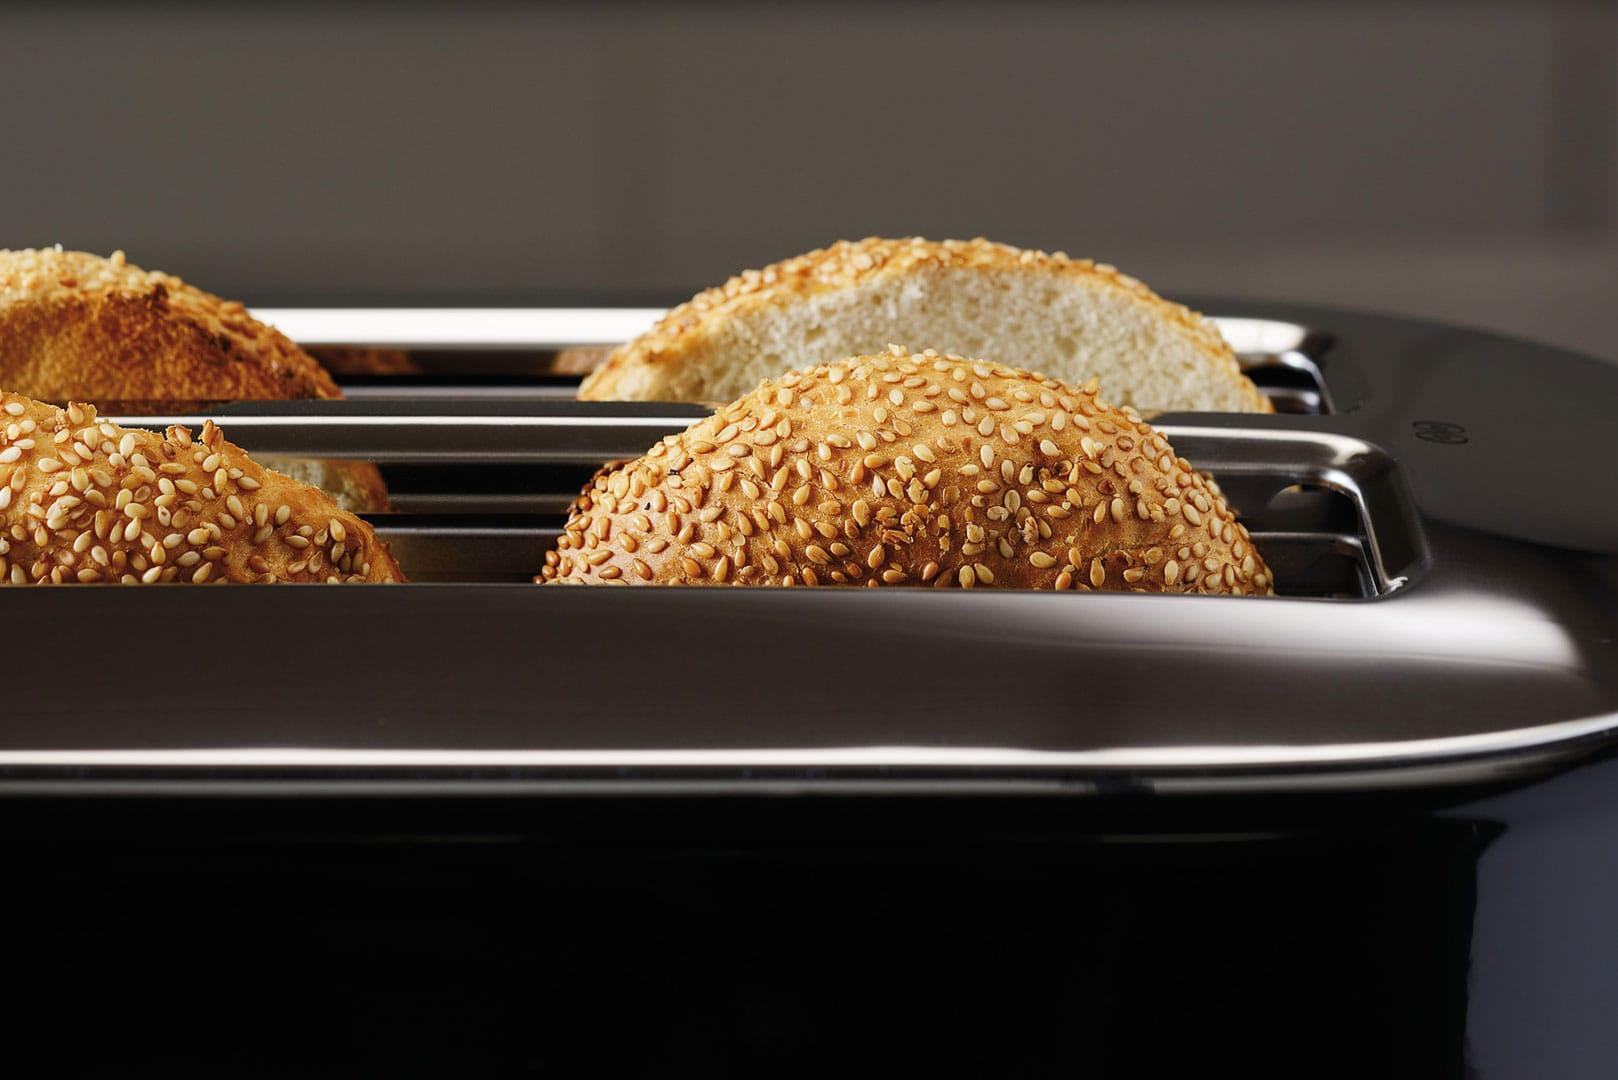 Tostapane con scomparto lungo a controllo manuale 5kmt4116 for Pane con kitchenaid